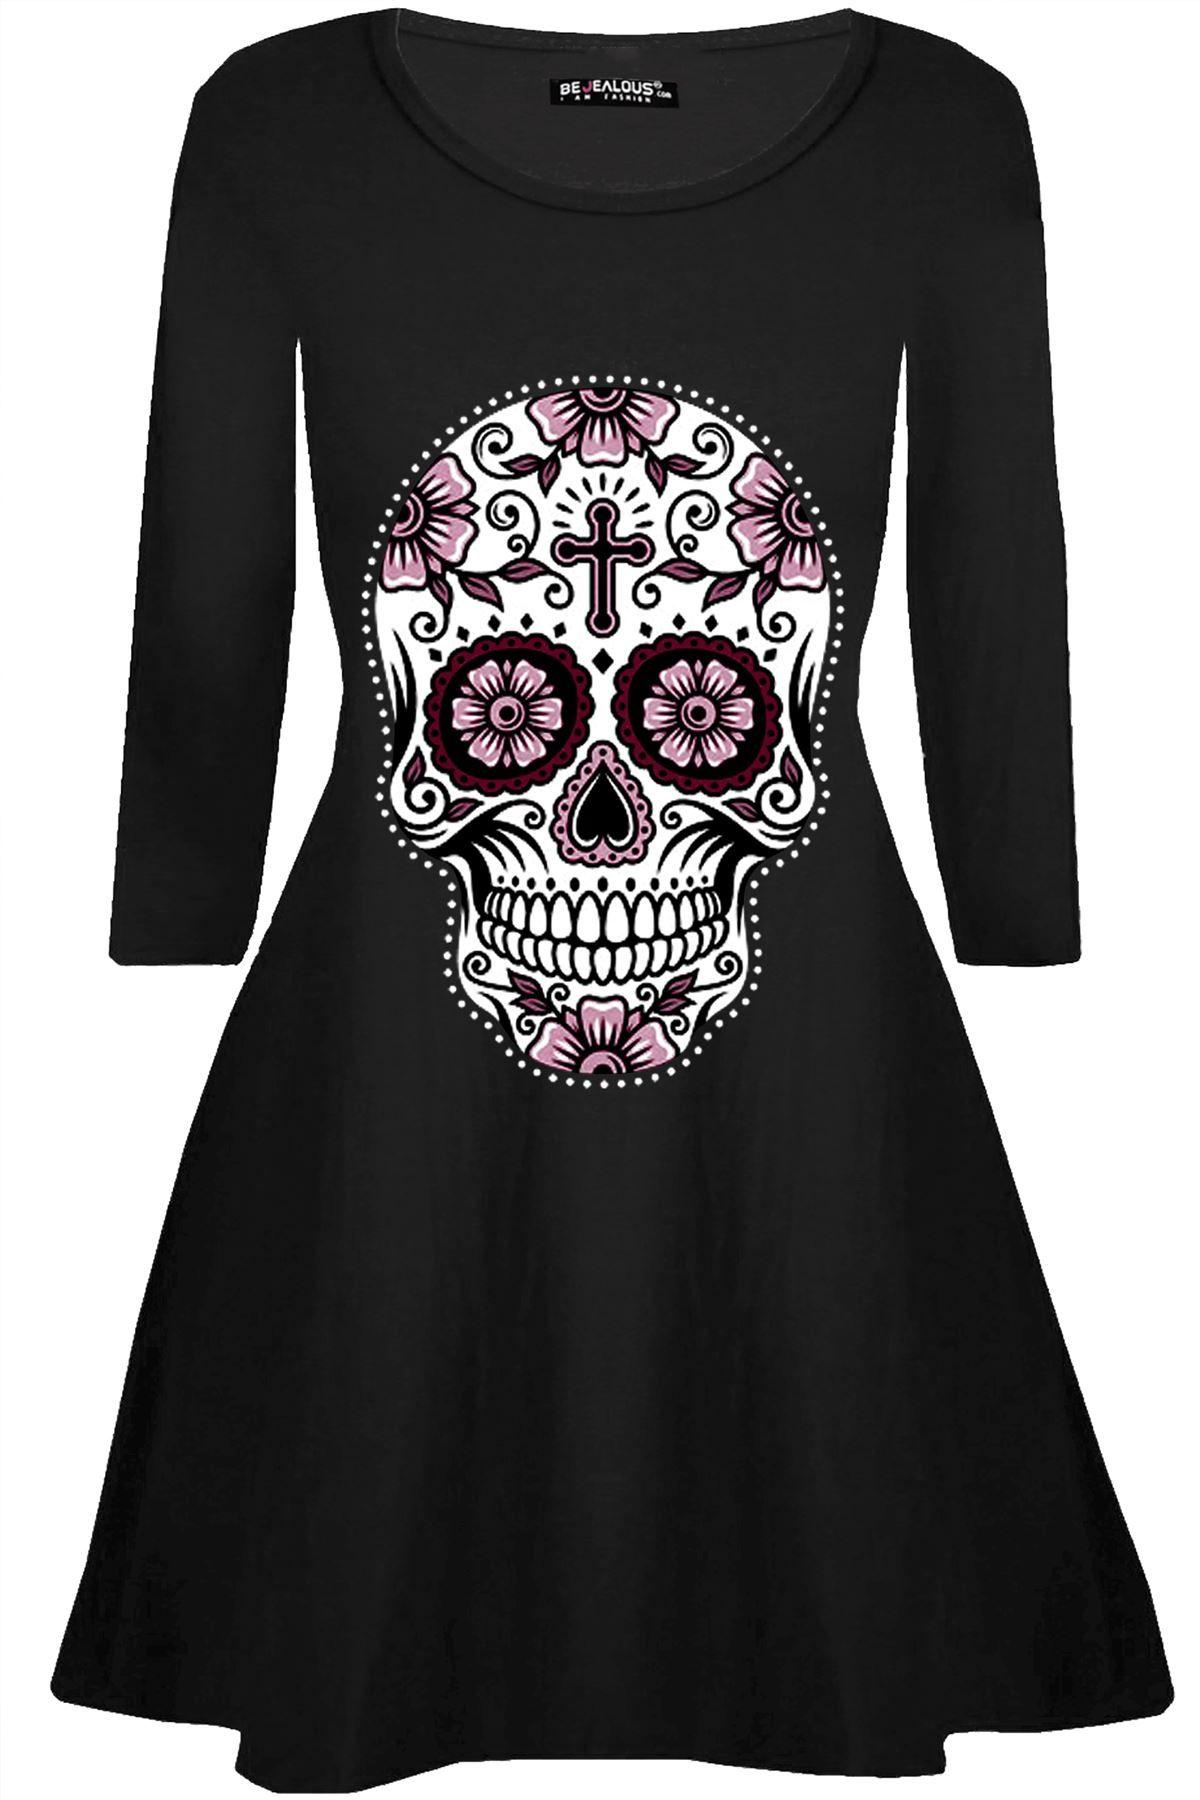 001395e50280 Womens Smock Long Sleeve Ladies Halloween Pumpkin Fancy Party Swing Mini  Dress